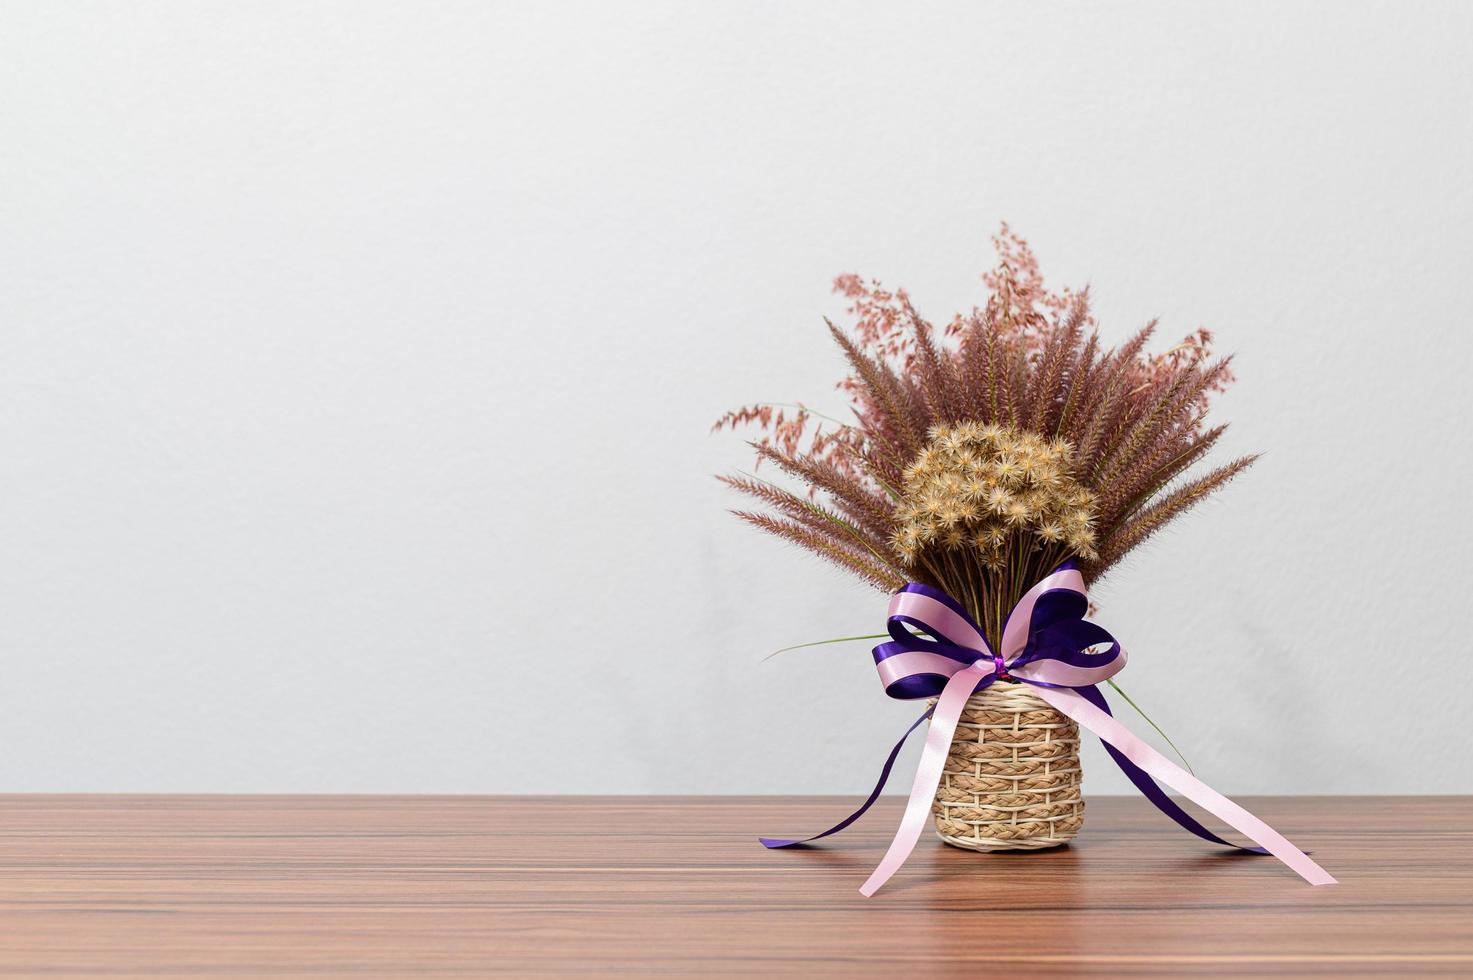 blomma vas på skrivbordet foto